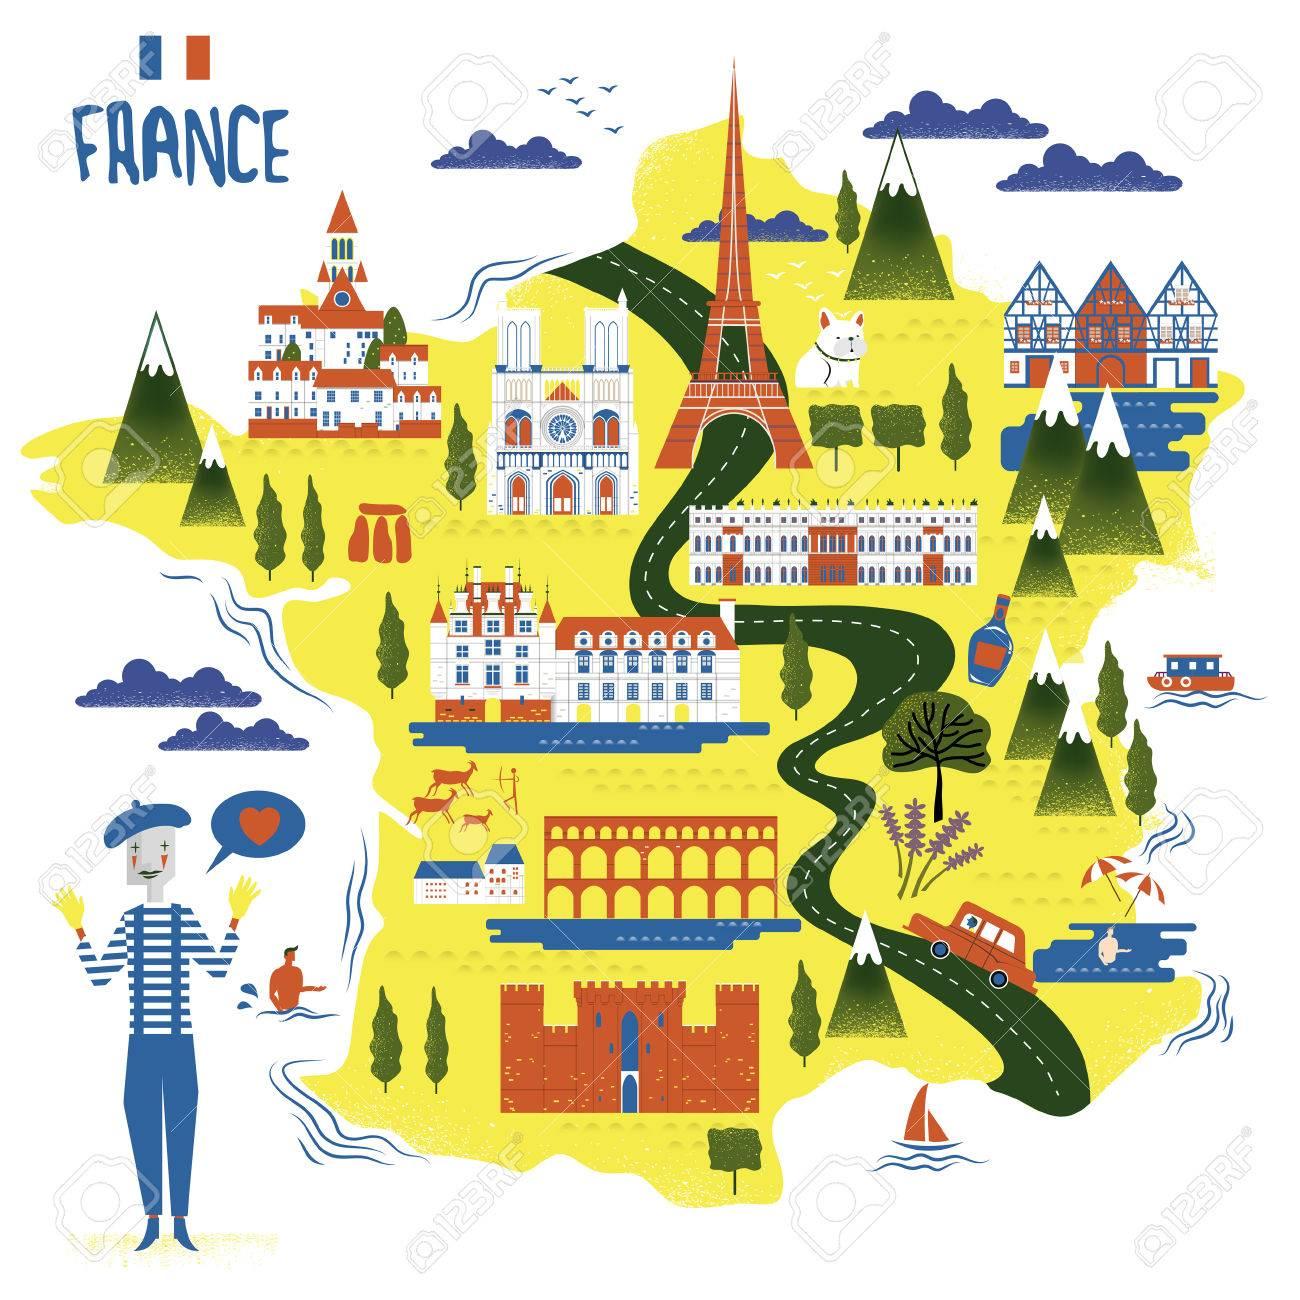 Cartina Della Francia Con Monumenti.Vettoriale Adorabile Francia Mappa Con Attrazioni E Specialita Image 53715725